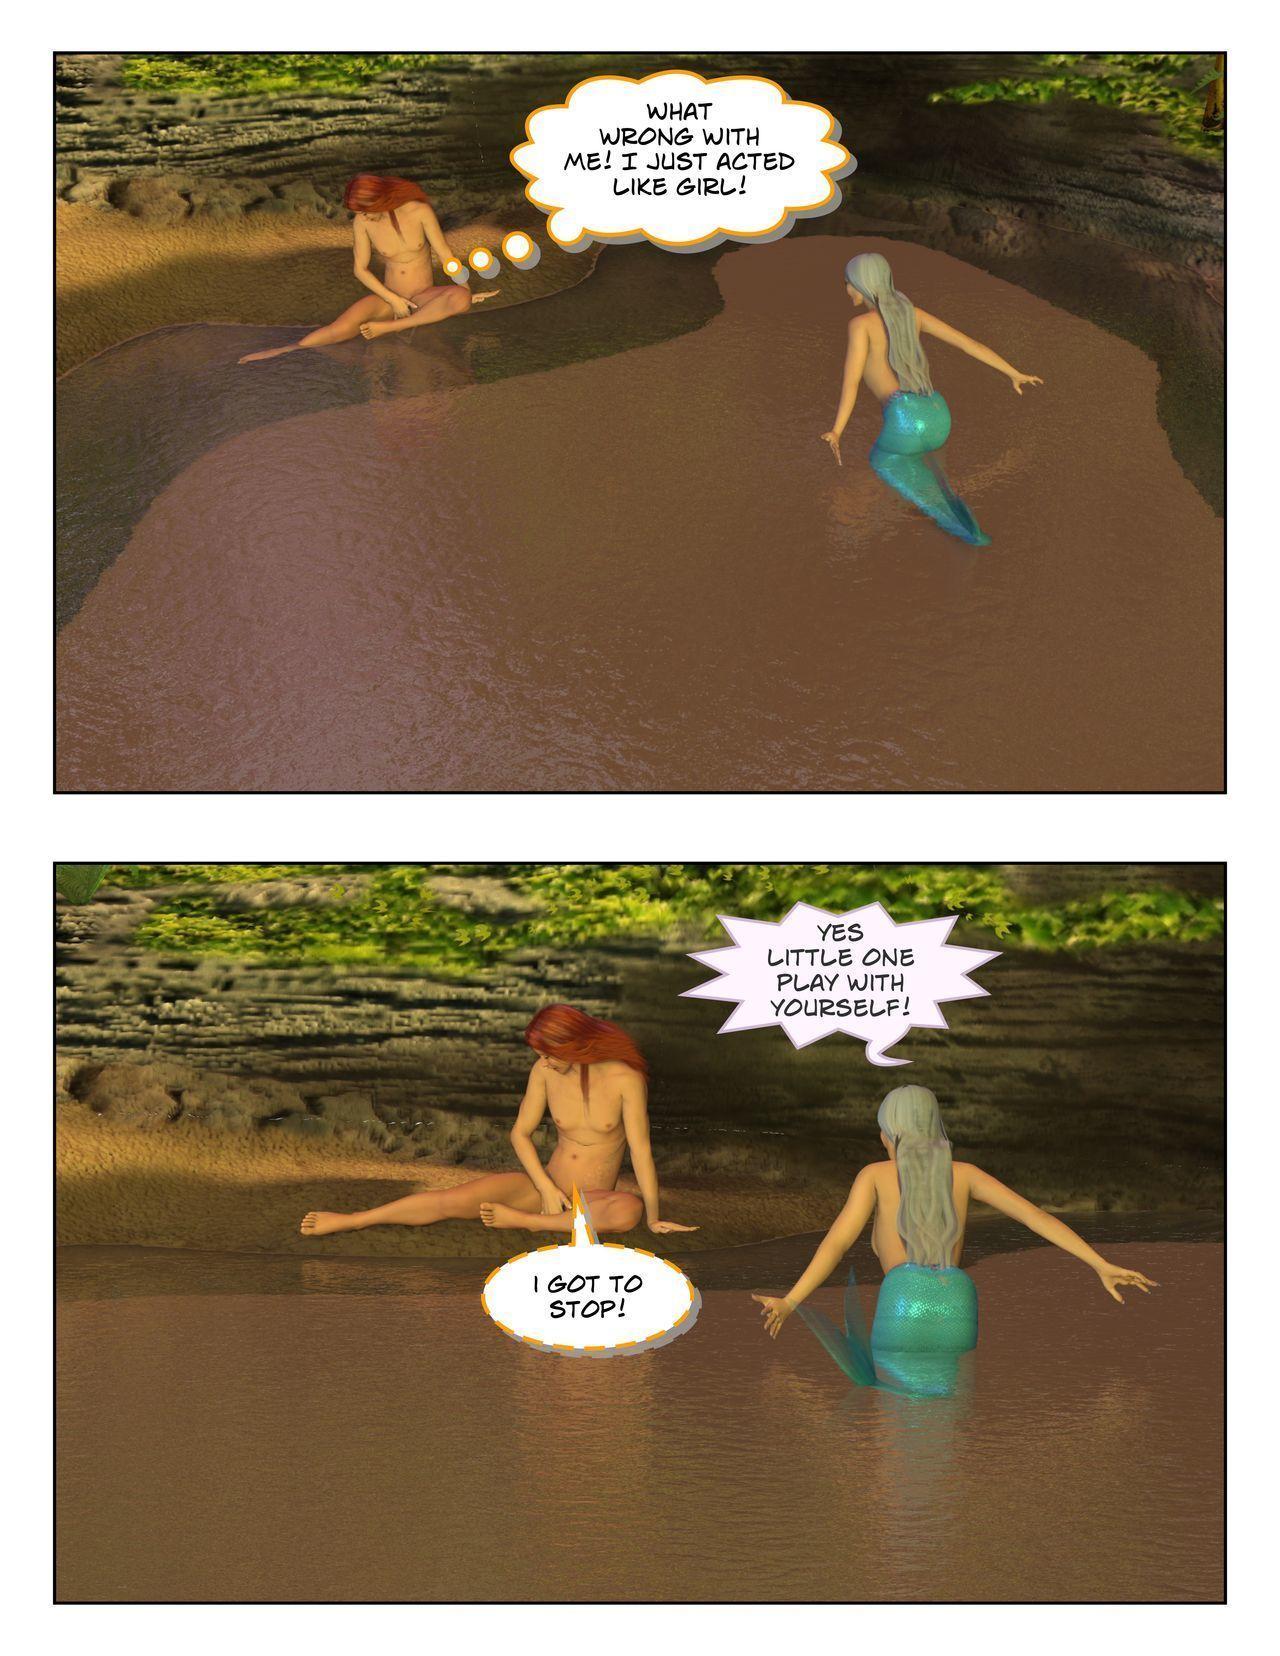 [Ariana] Mermaids - part 4